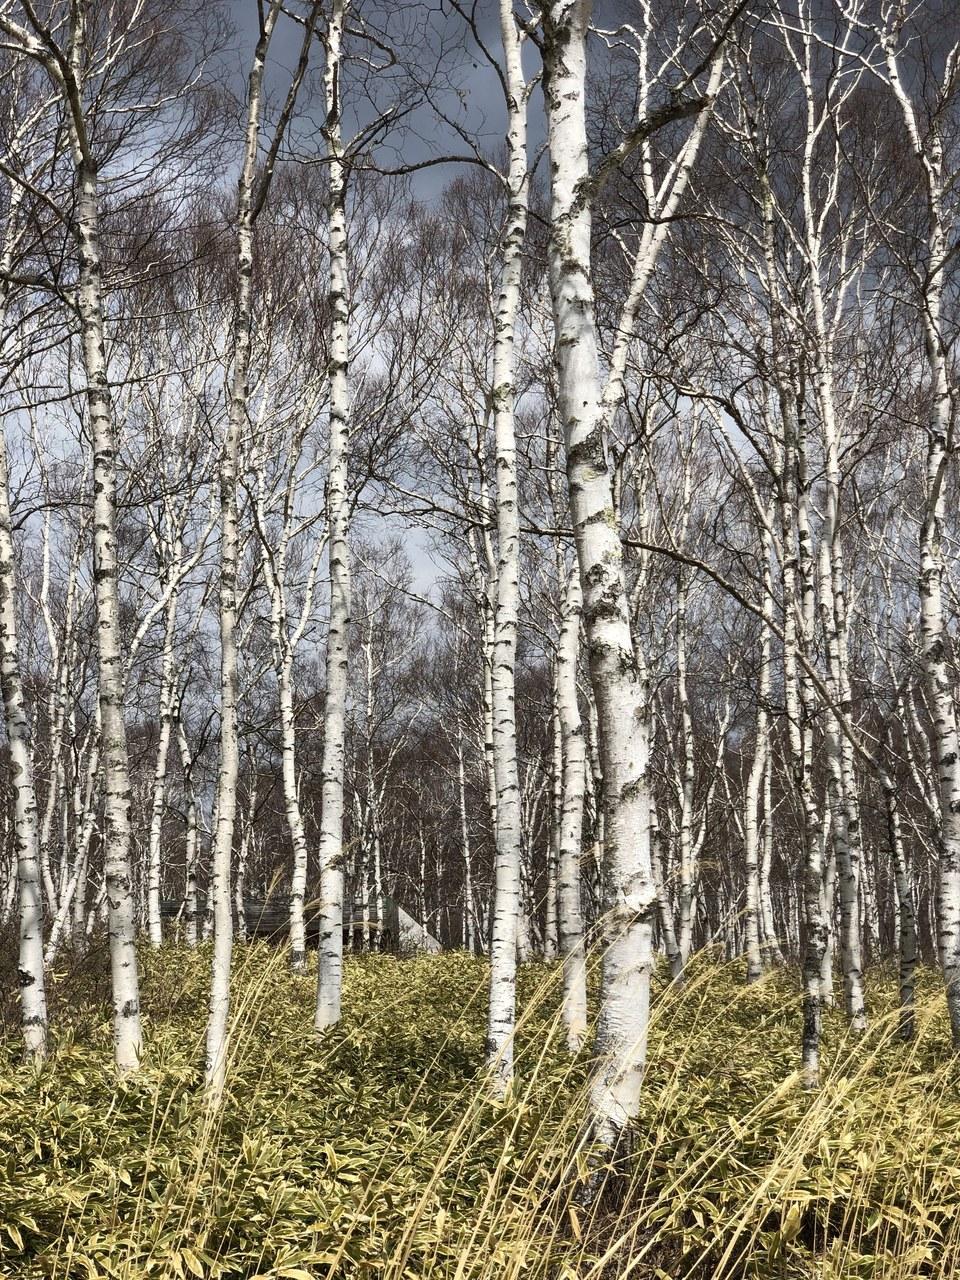 『緑あふれる自然との調和を感じる。里山の暮らしとヨガを堪能するのんびり2日間』